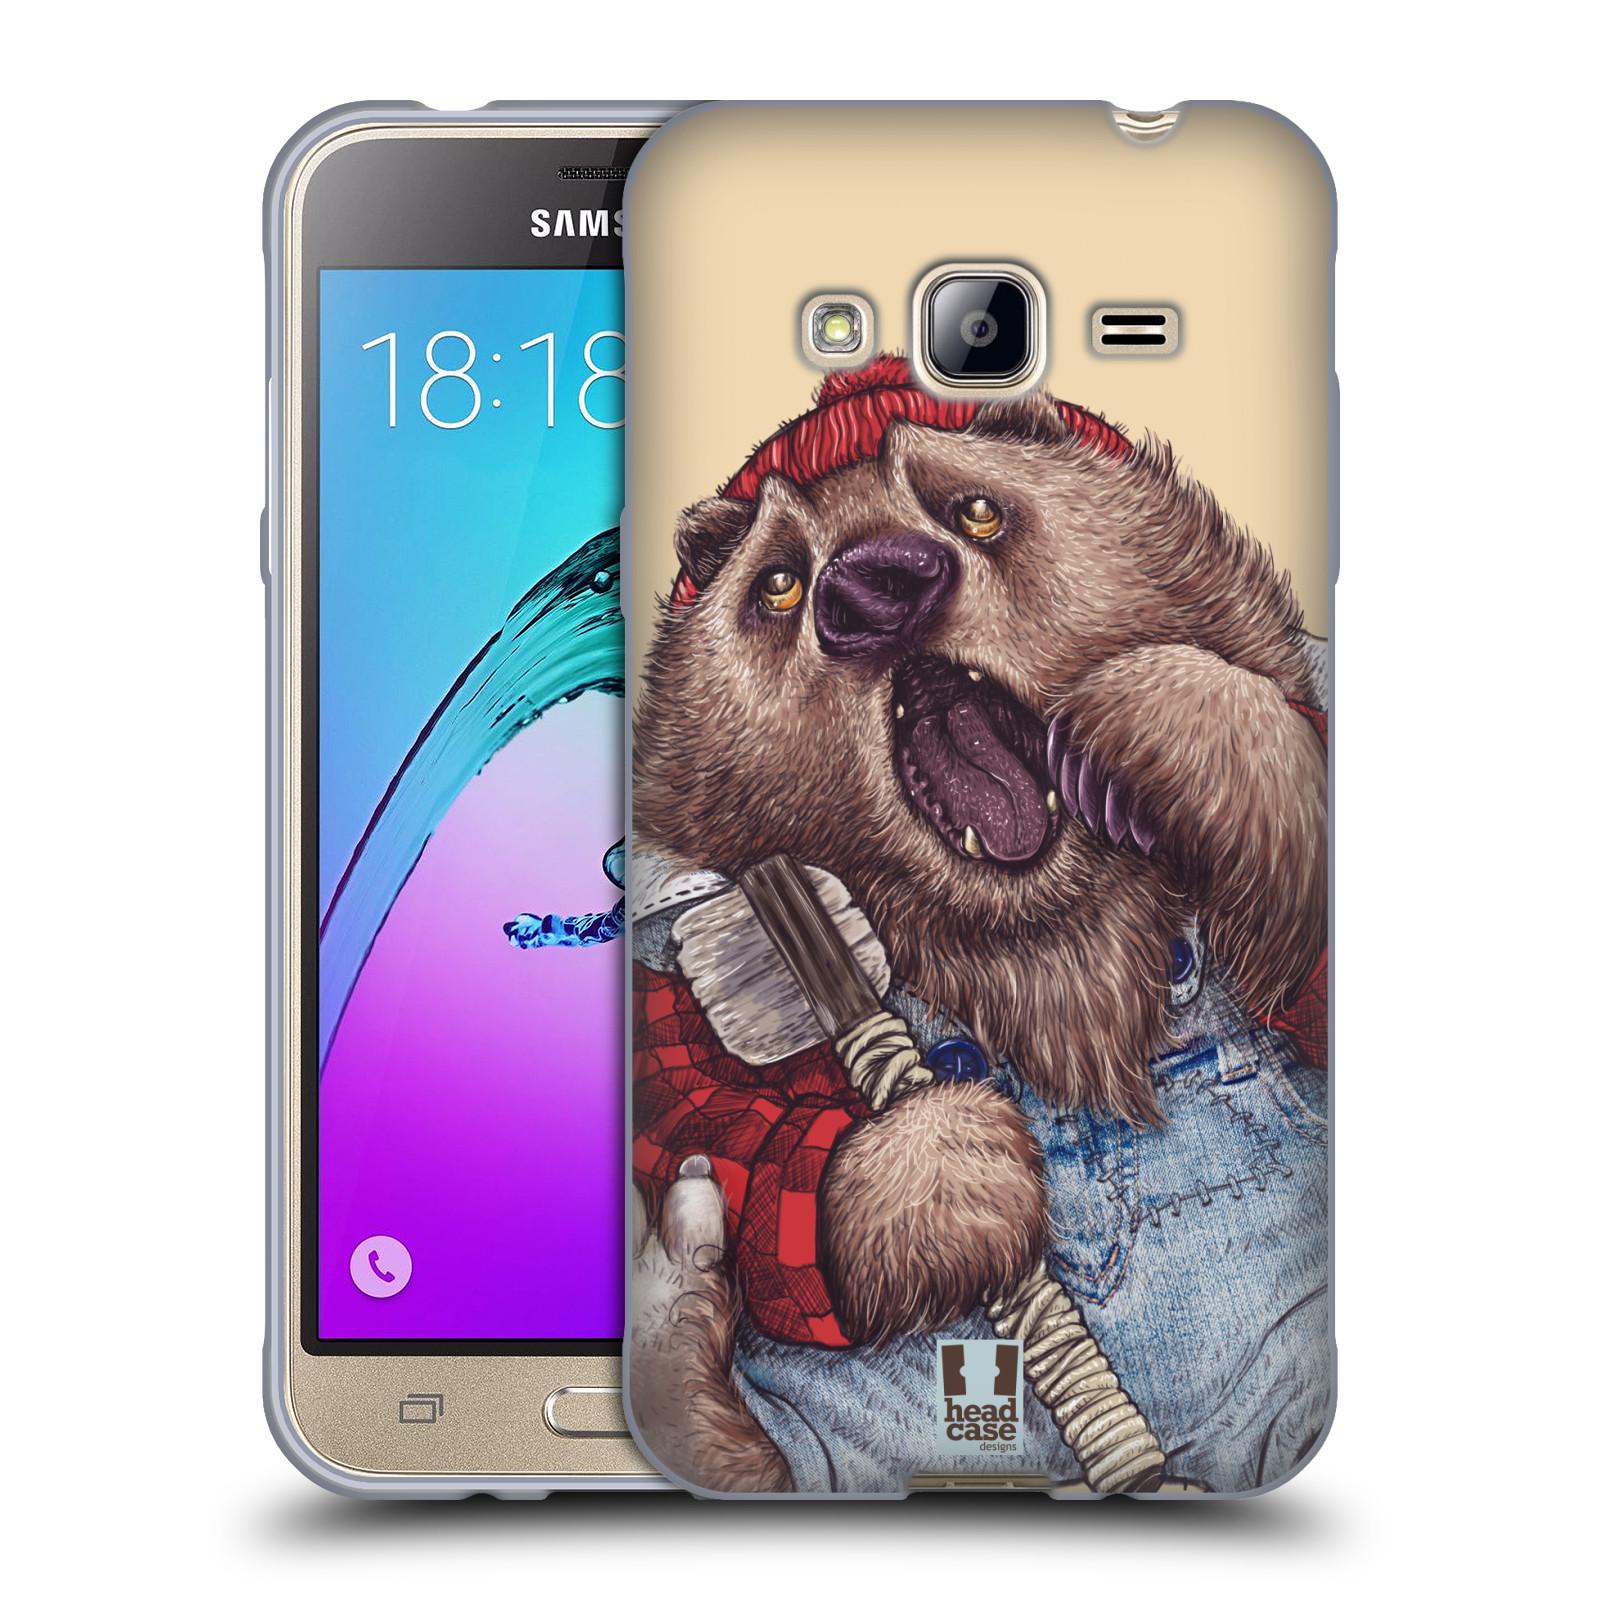 Silikonové pouzdro na mobil Samsung Galaxy J3 (2016) HEAD CASE ANIMPLA MEDVĚD